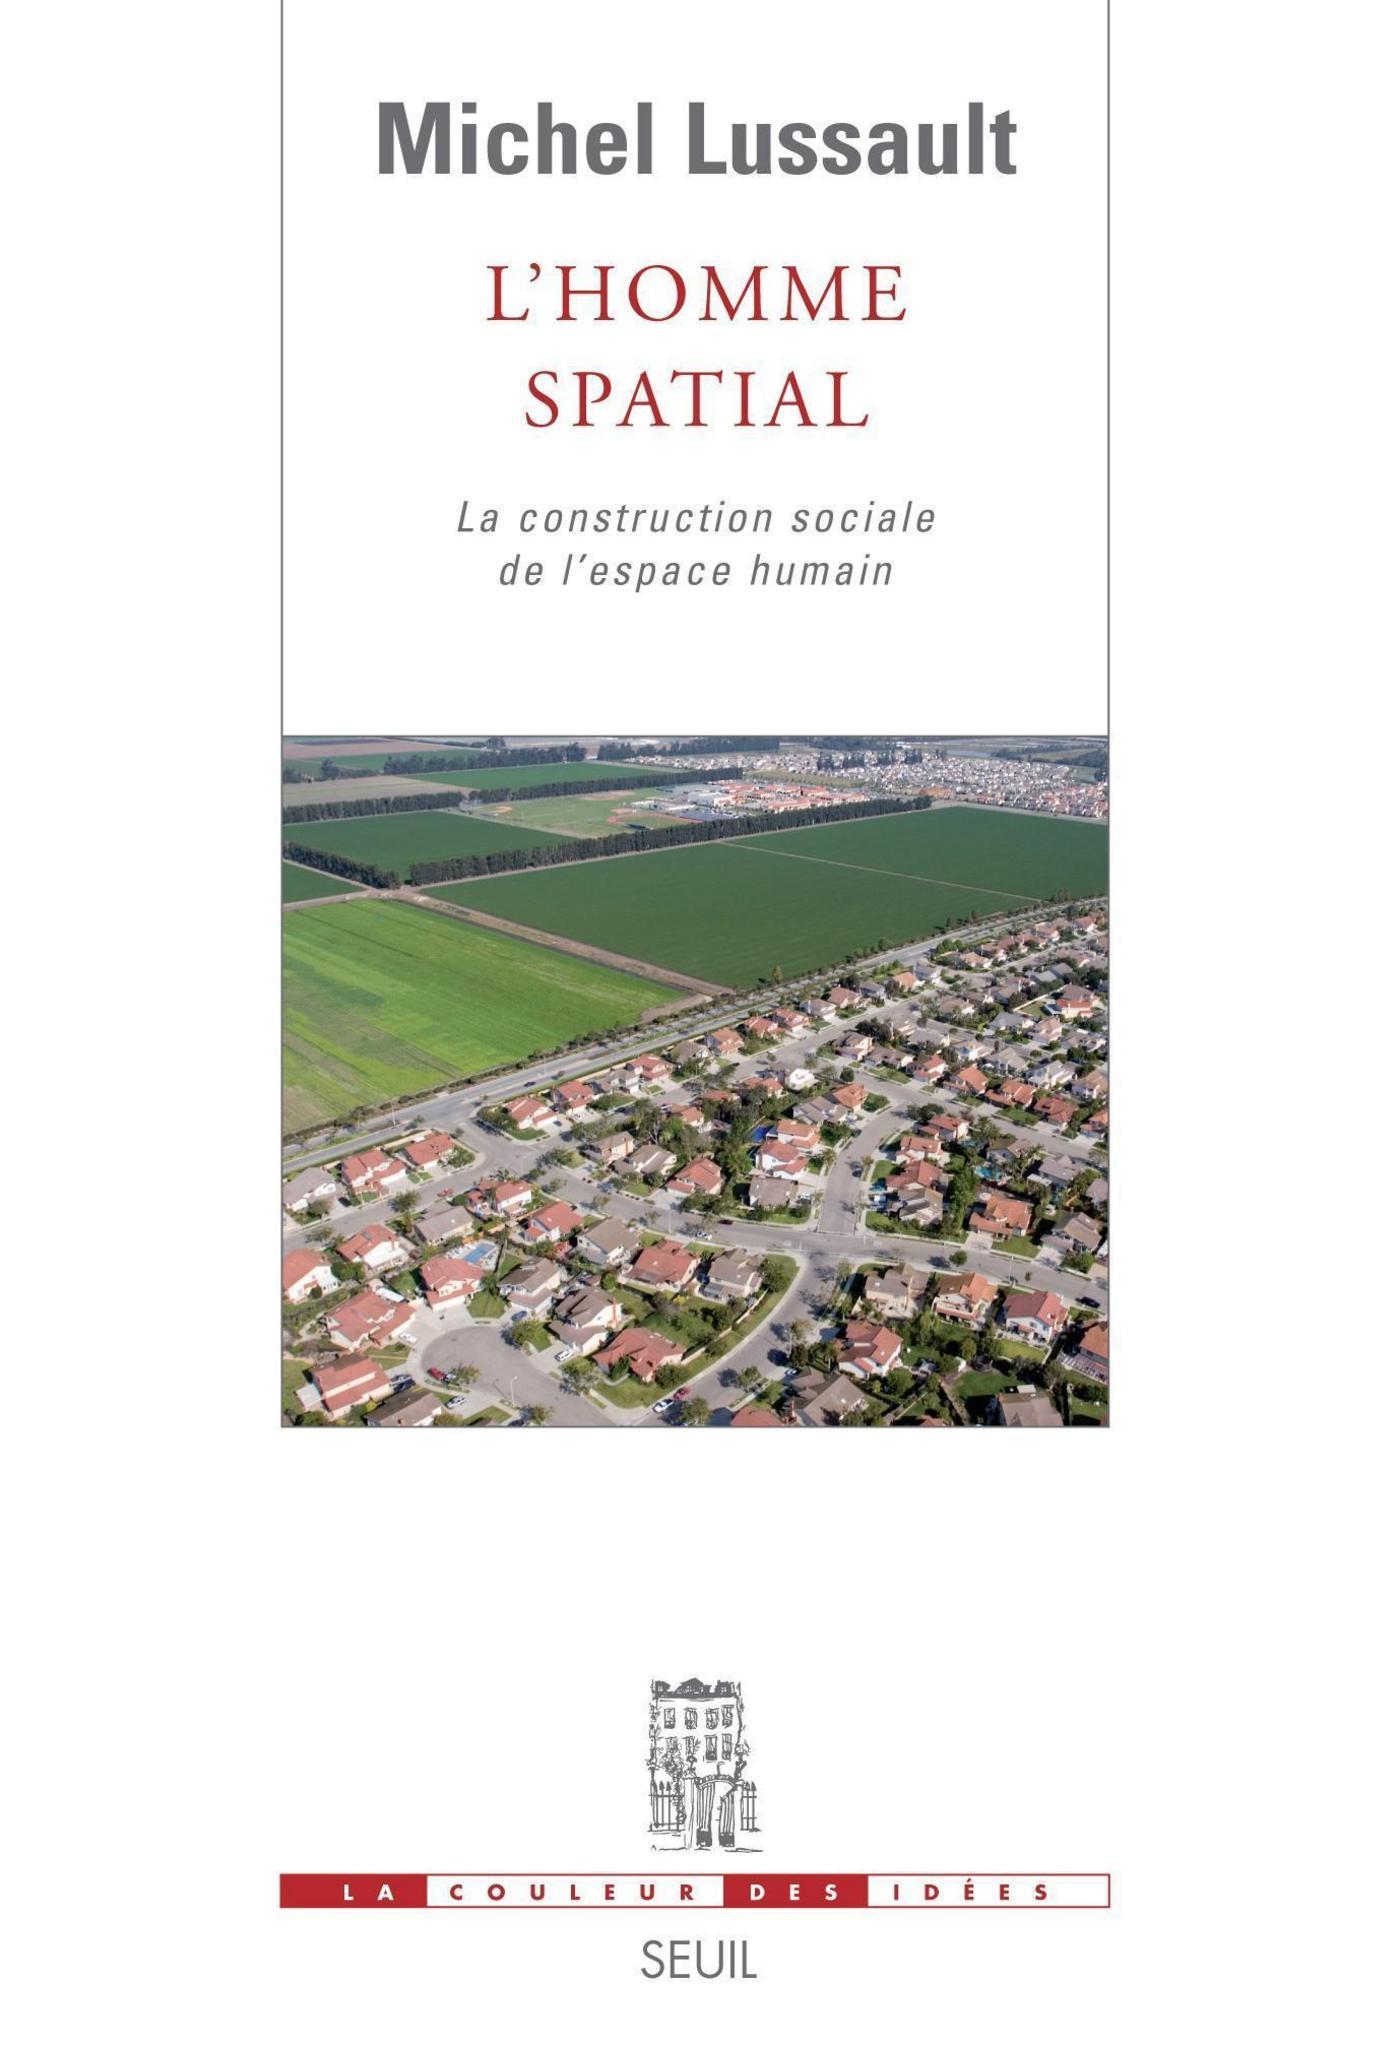 L'Homme spatial. La construction sociale de l'espace humain